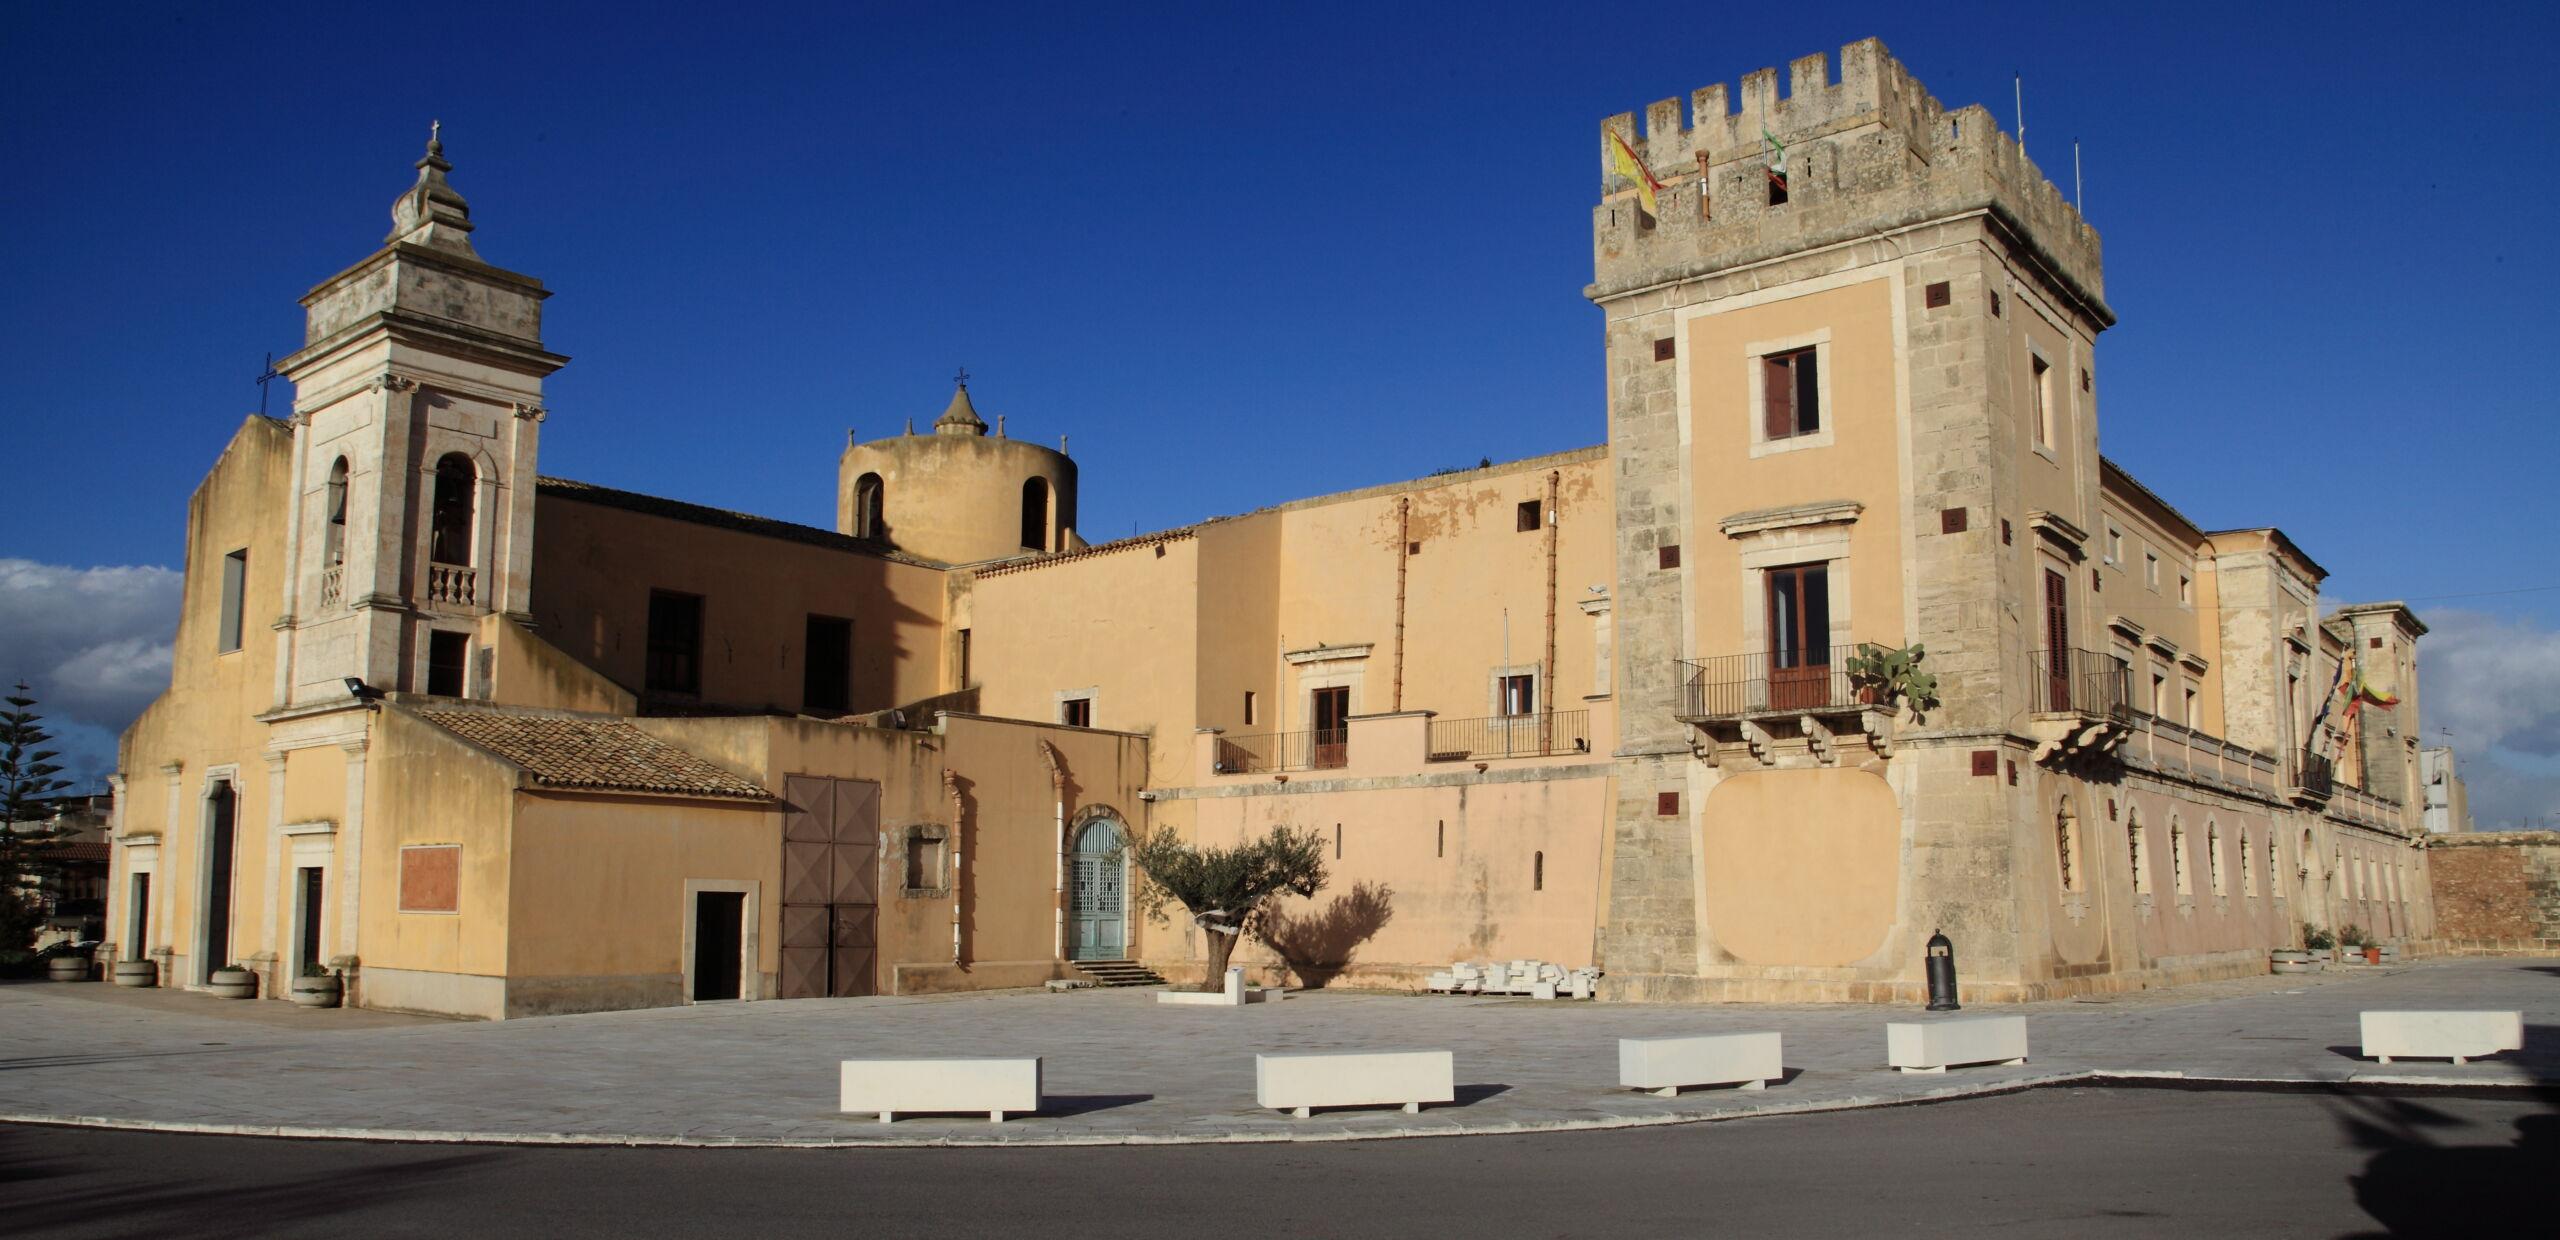 Acate Sicilia